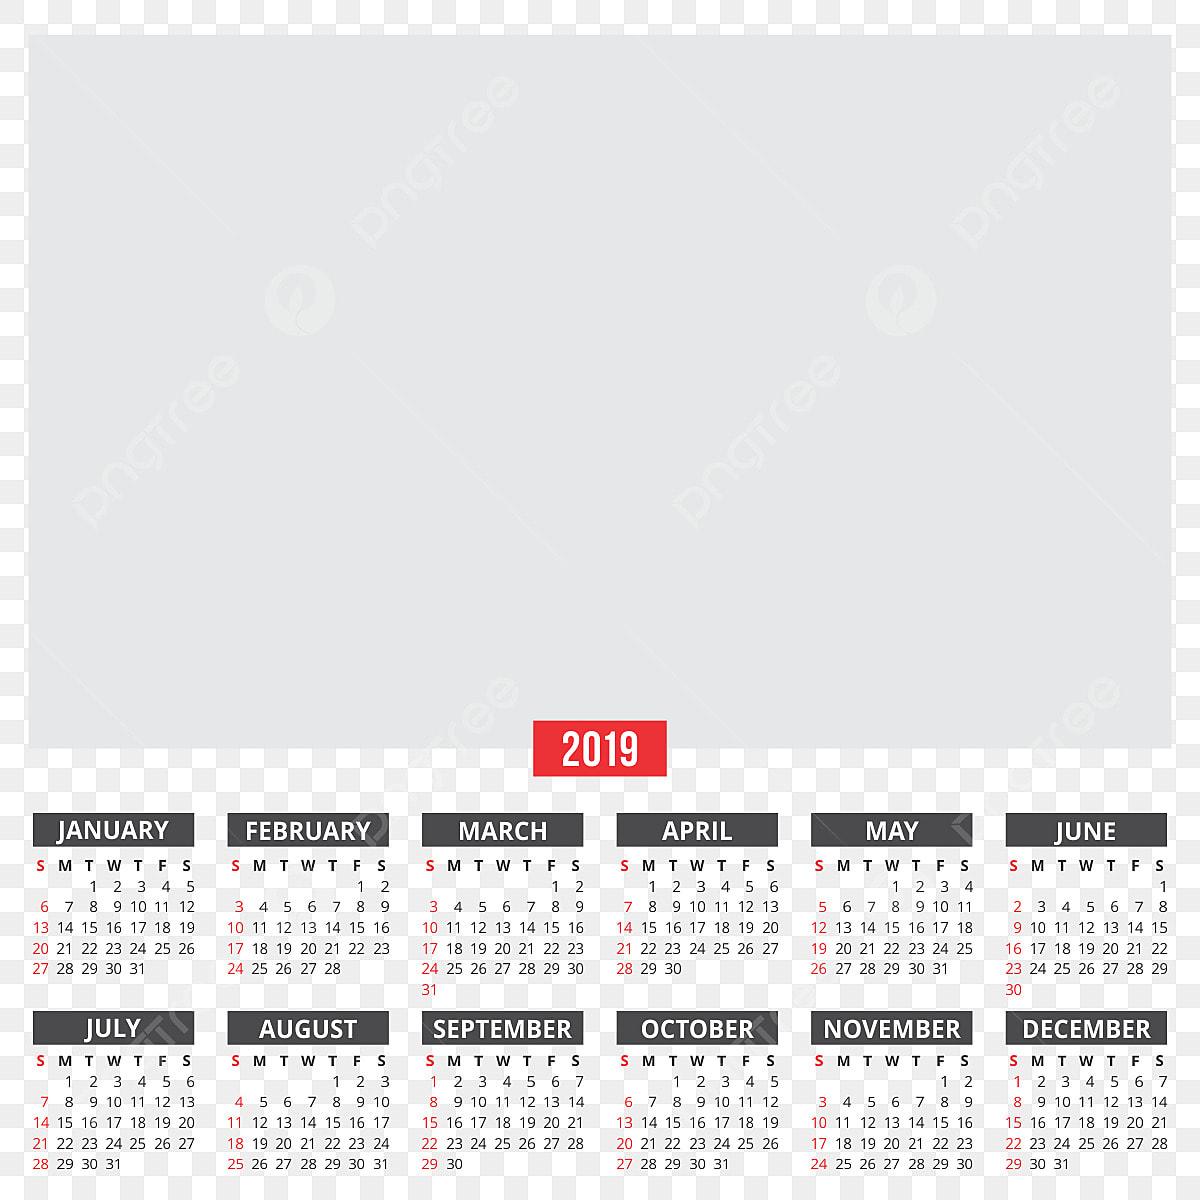 Calendario Free.Calendar 2019 2019 Calendar Png And Vector With